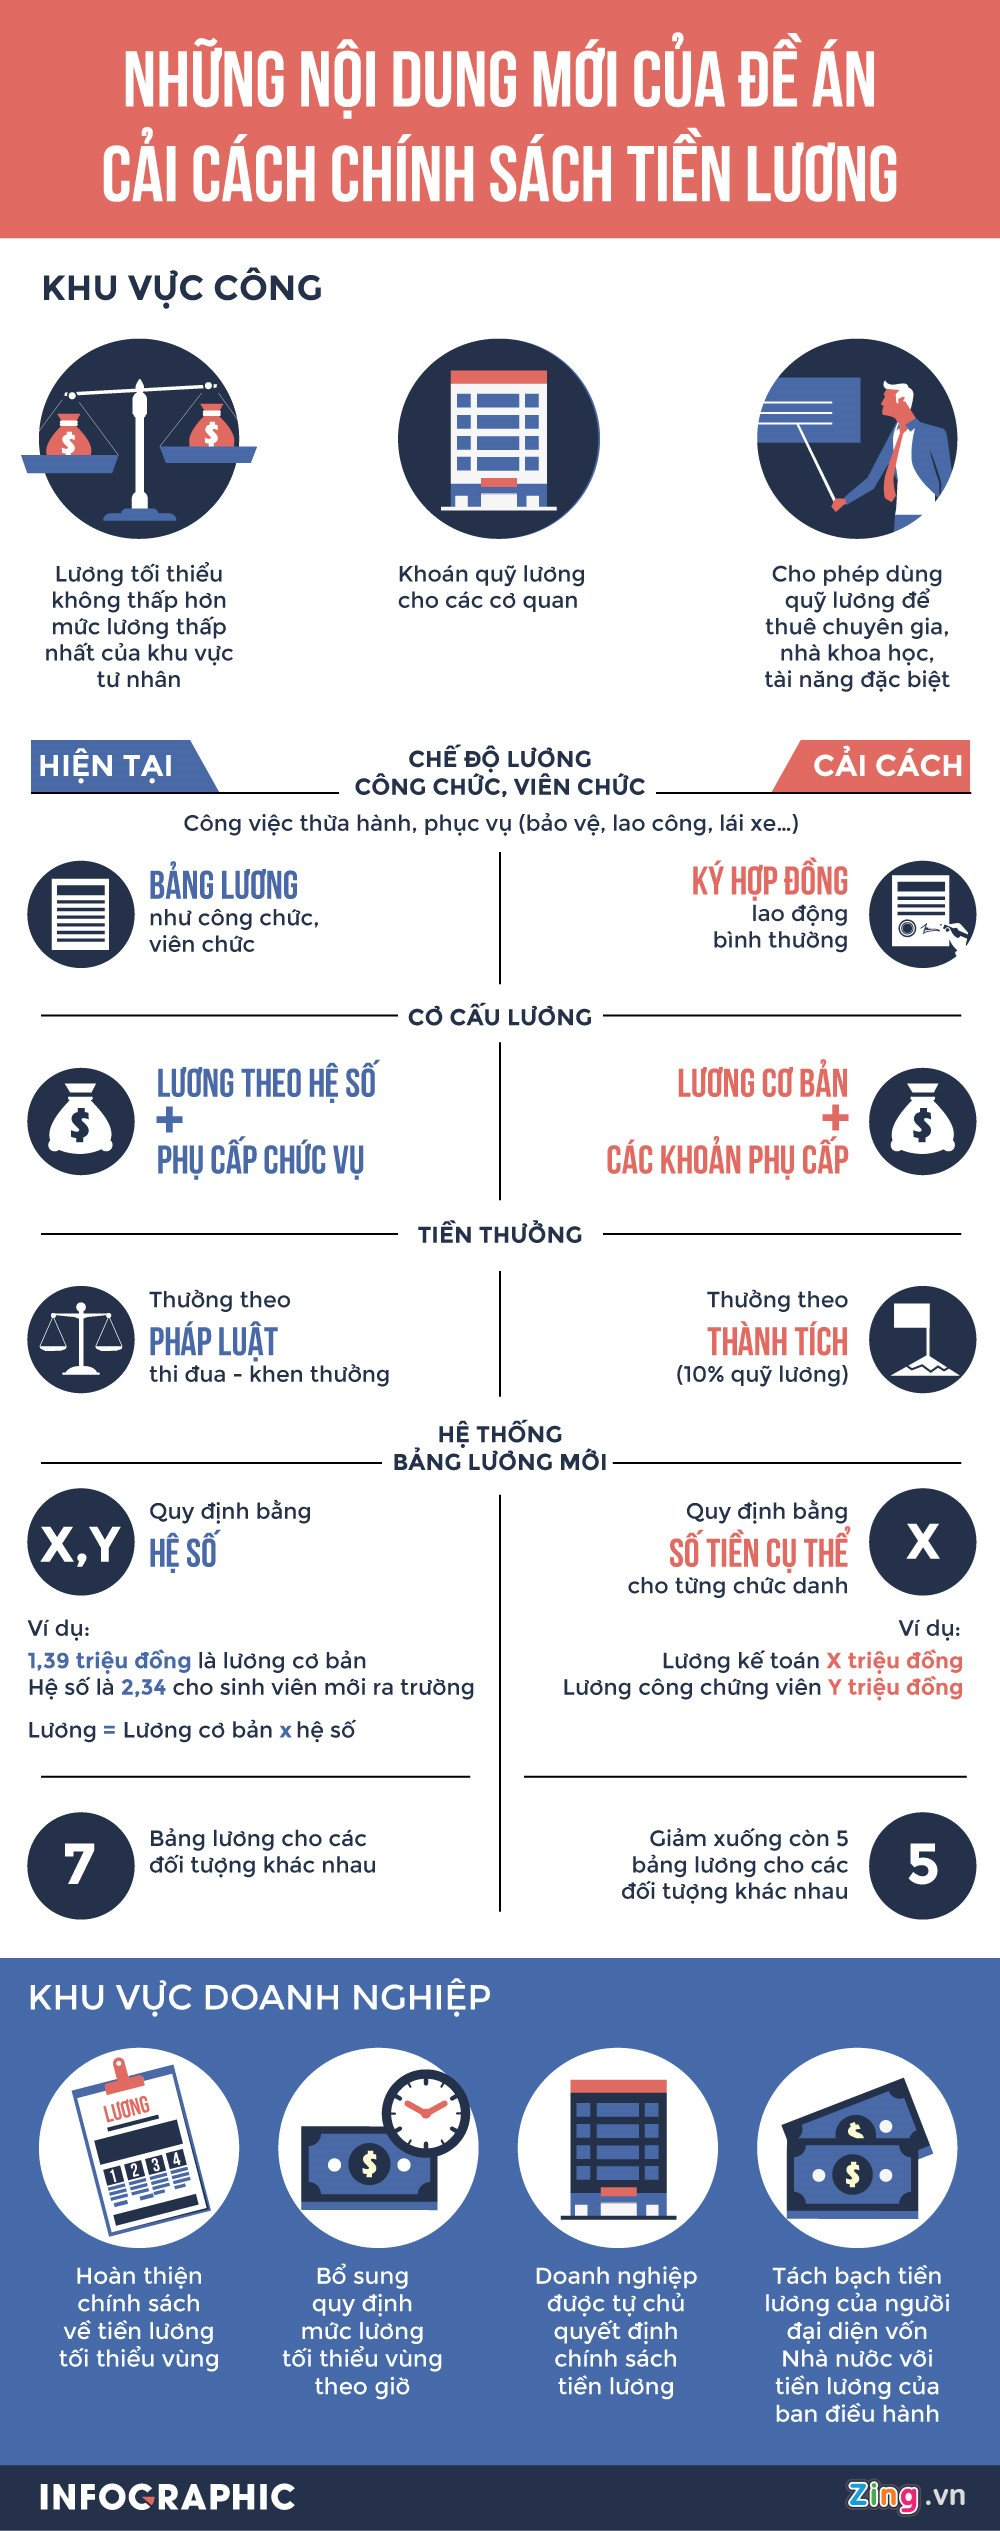 Infographic: De an cai cach tien luong can bo, cong chuc co gi dot pha? hinh anh 1